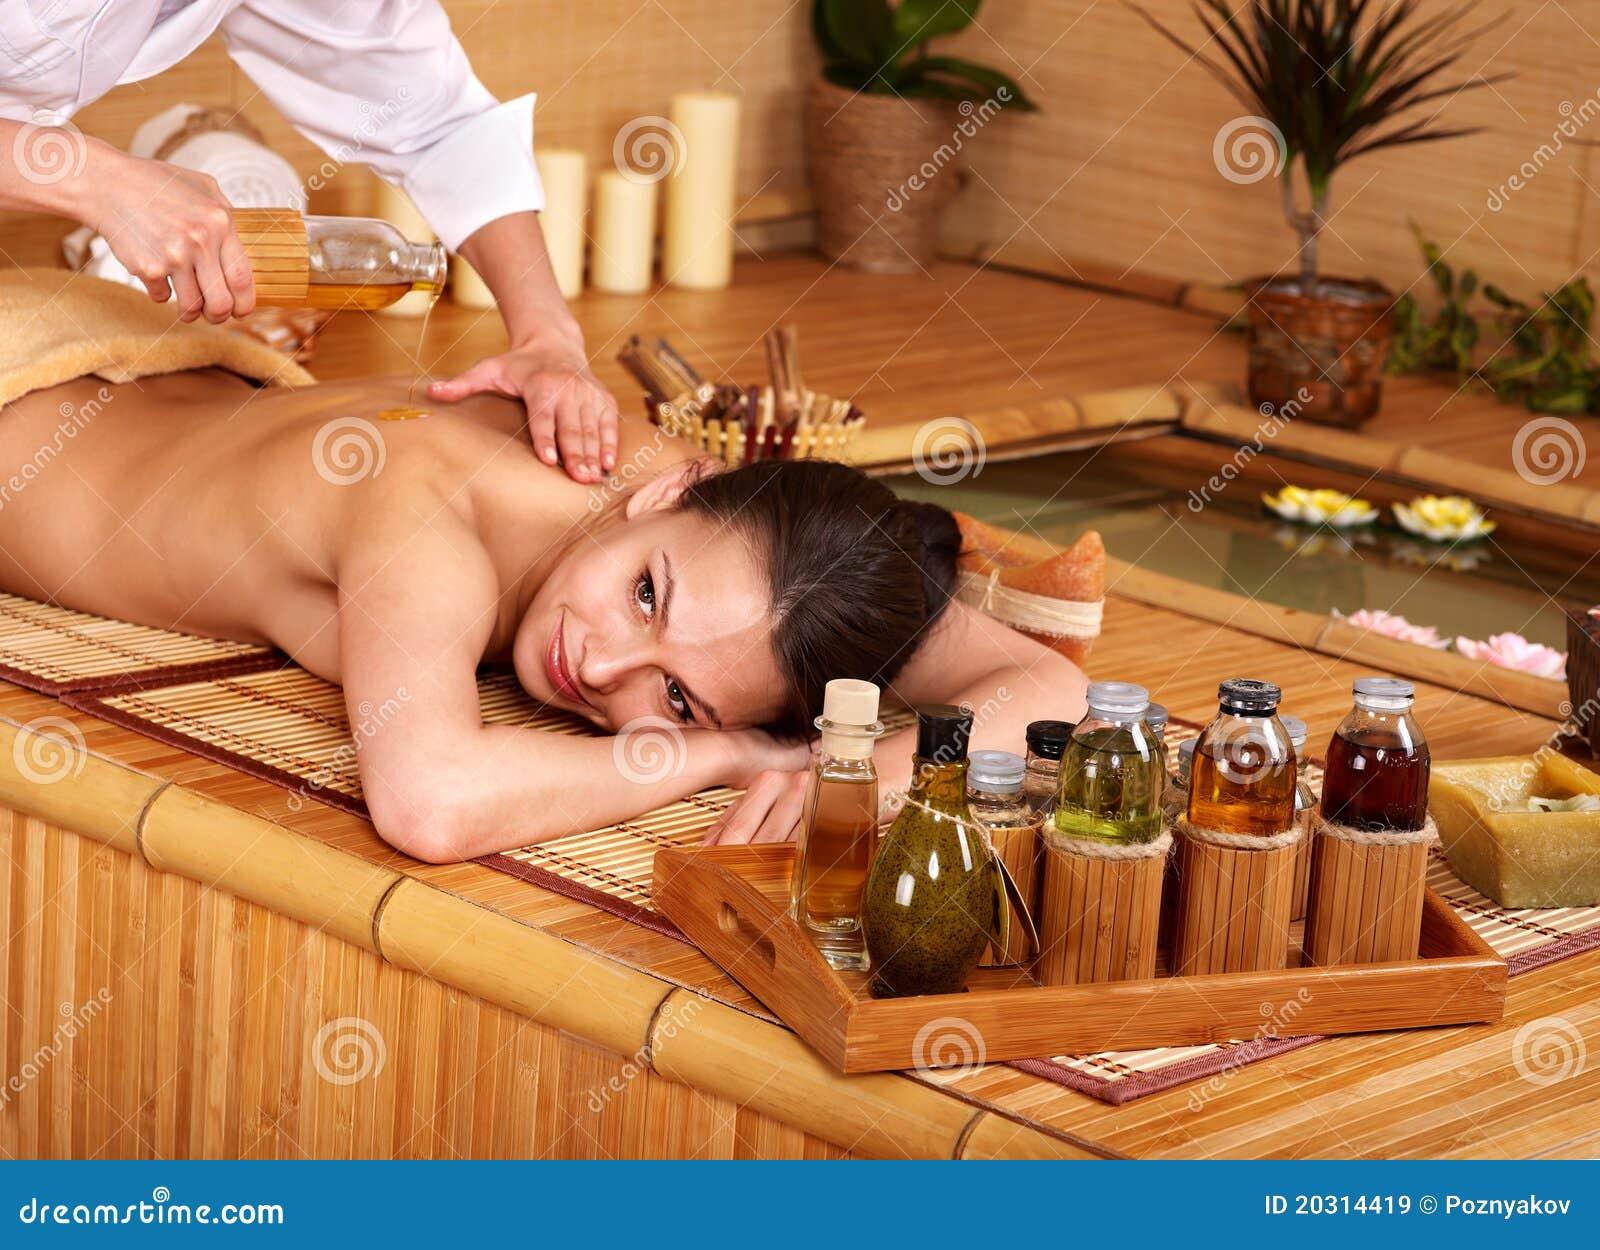 Donna che ottiene massaggio in stazione termale di bambù.